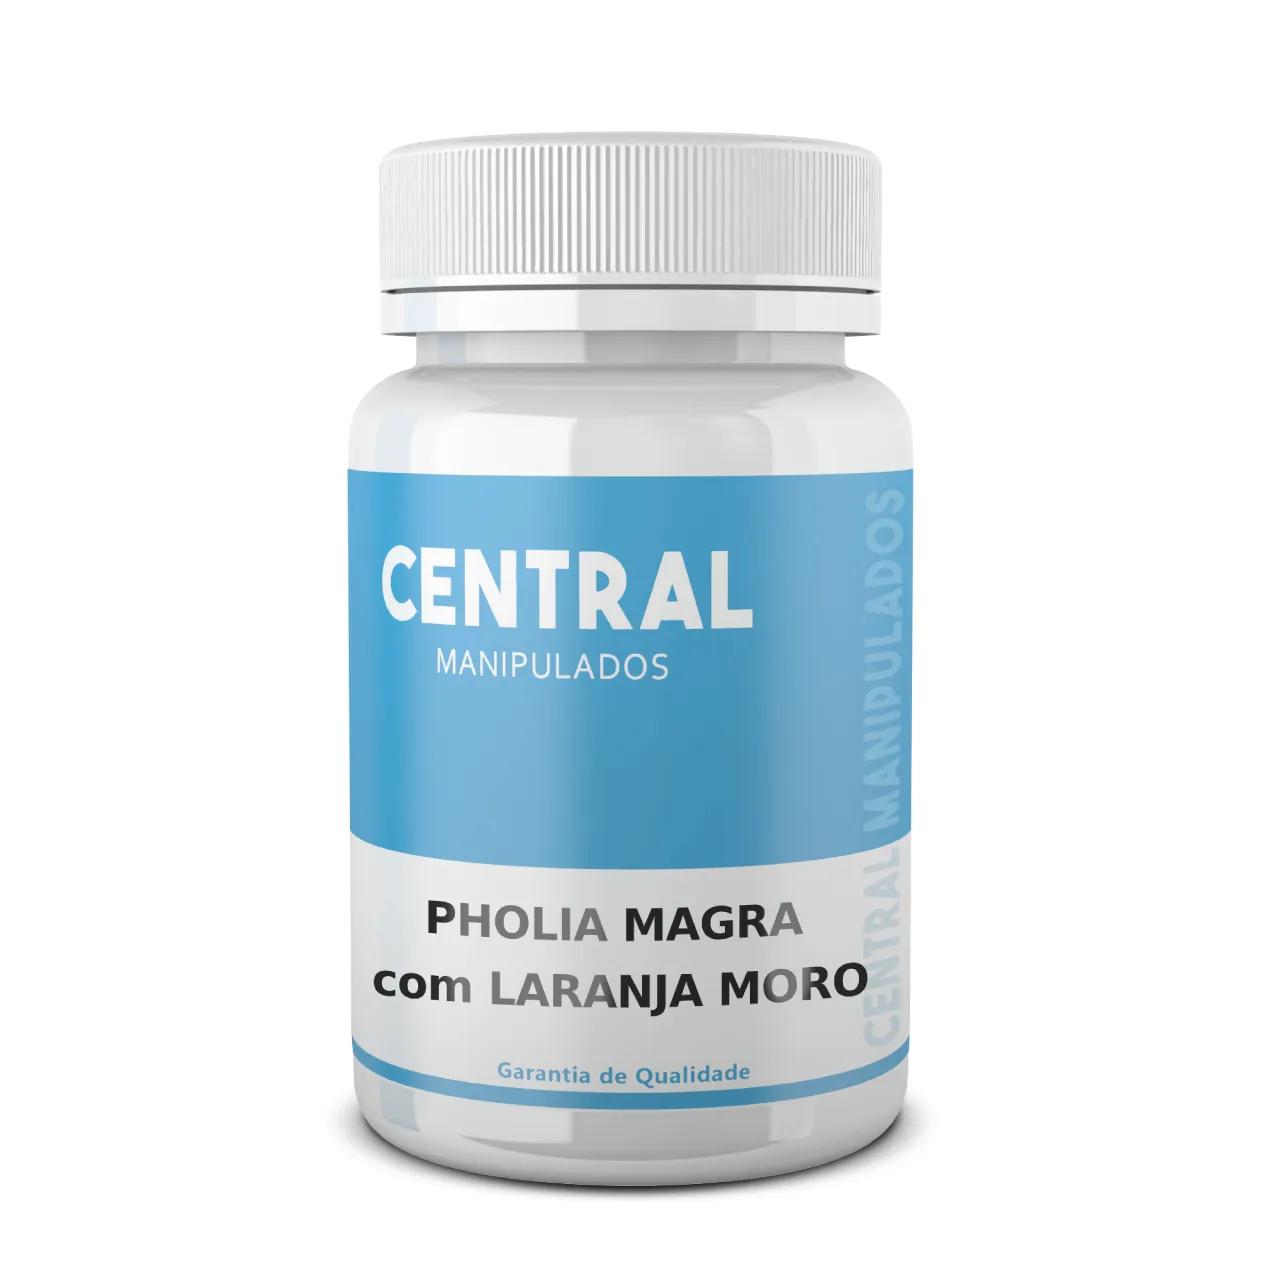 Pholia Magra 300mg + Laranja Moro 200mg - 120 cápsulas - Perda de Peso, Controle Apetite, Evita o inchaço e a Celutite